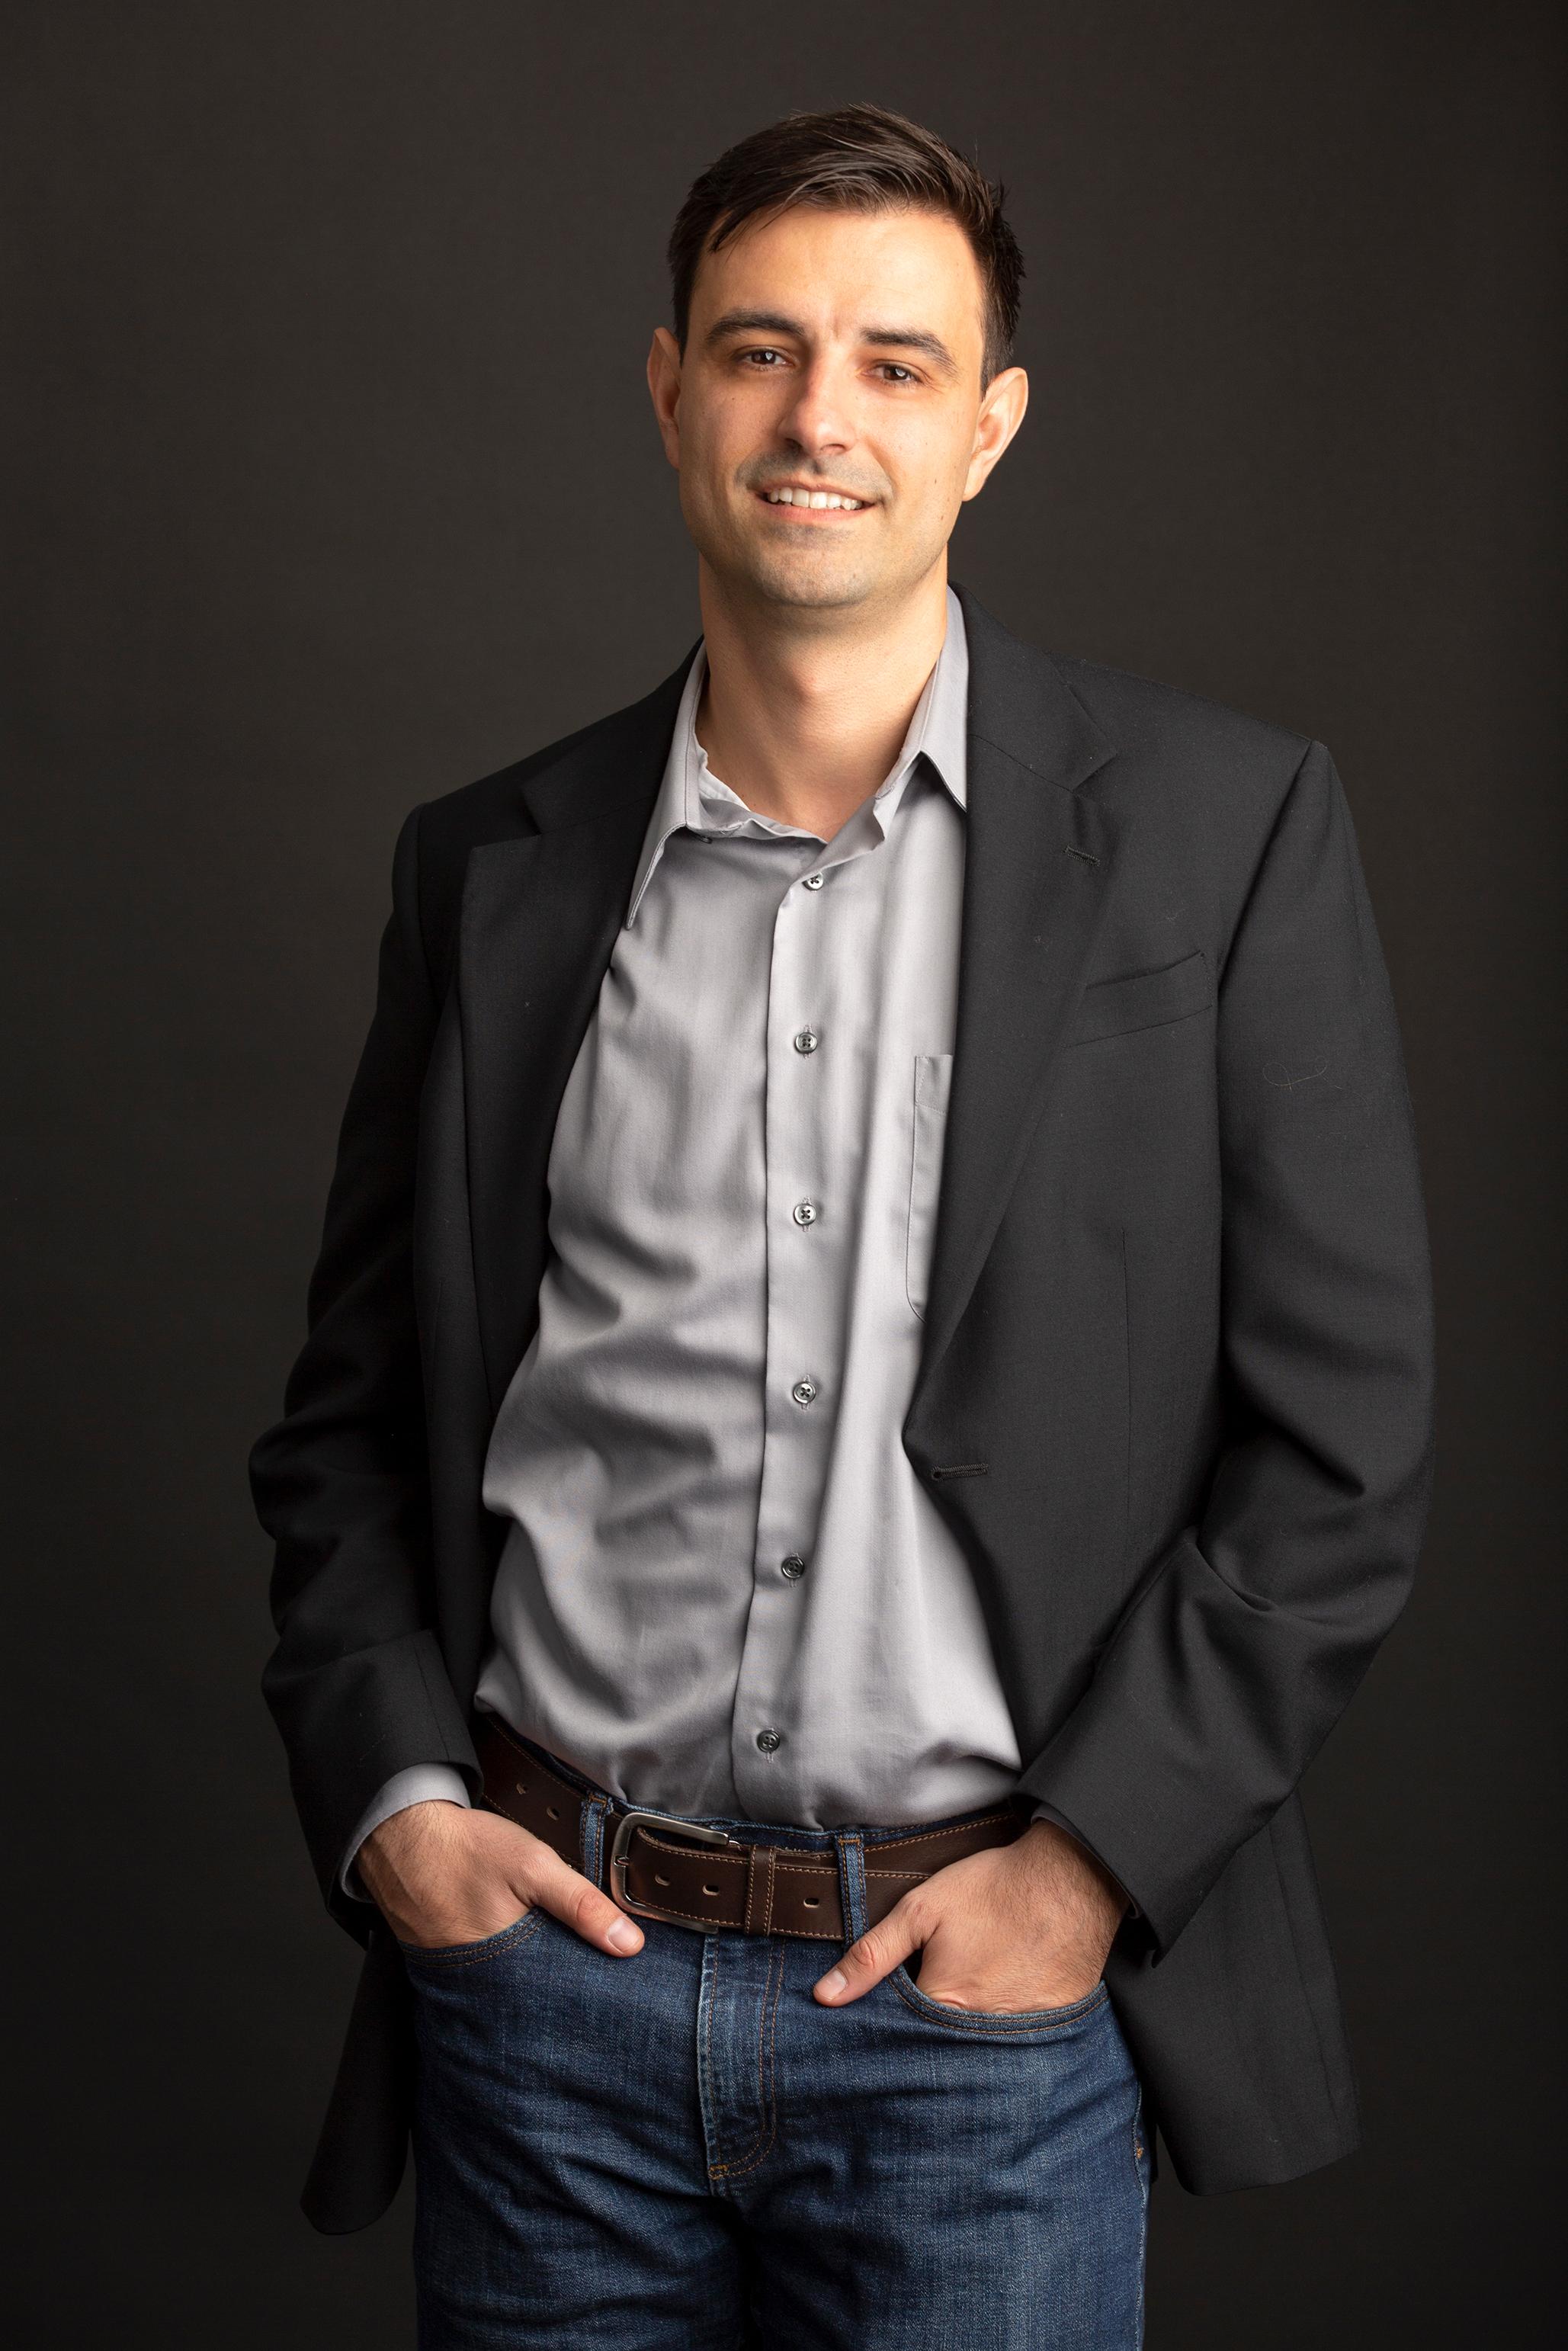 Daniel Firu